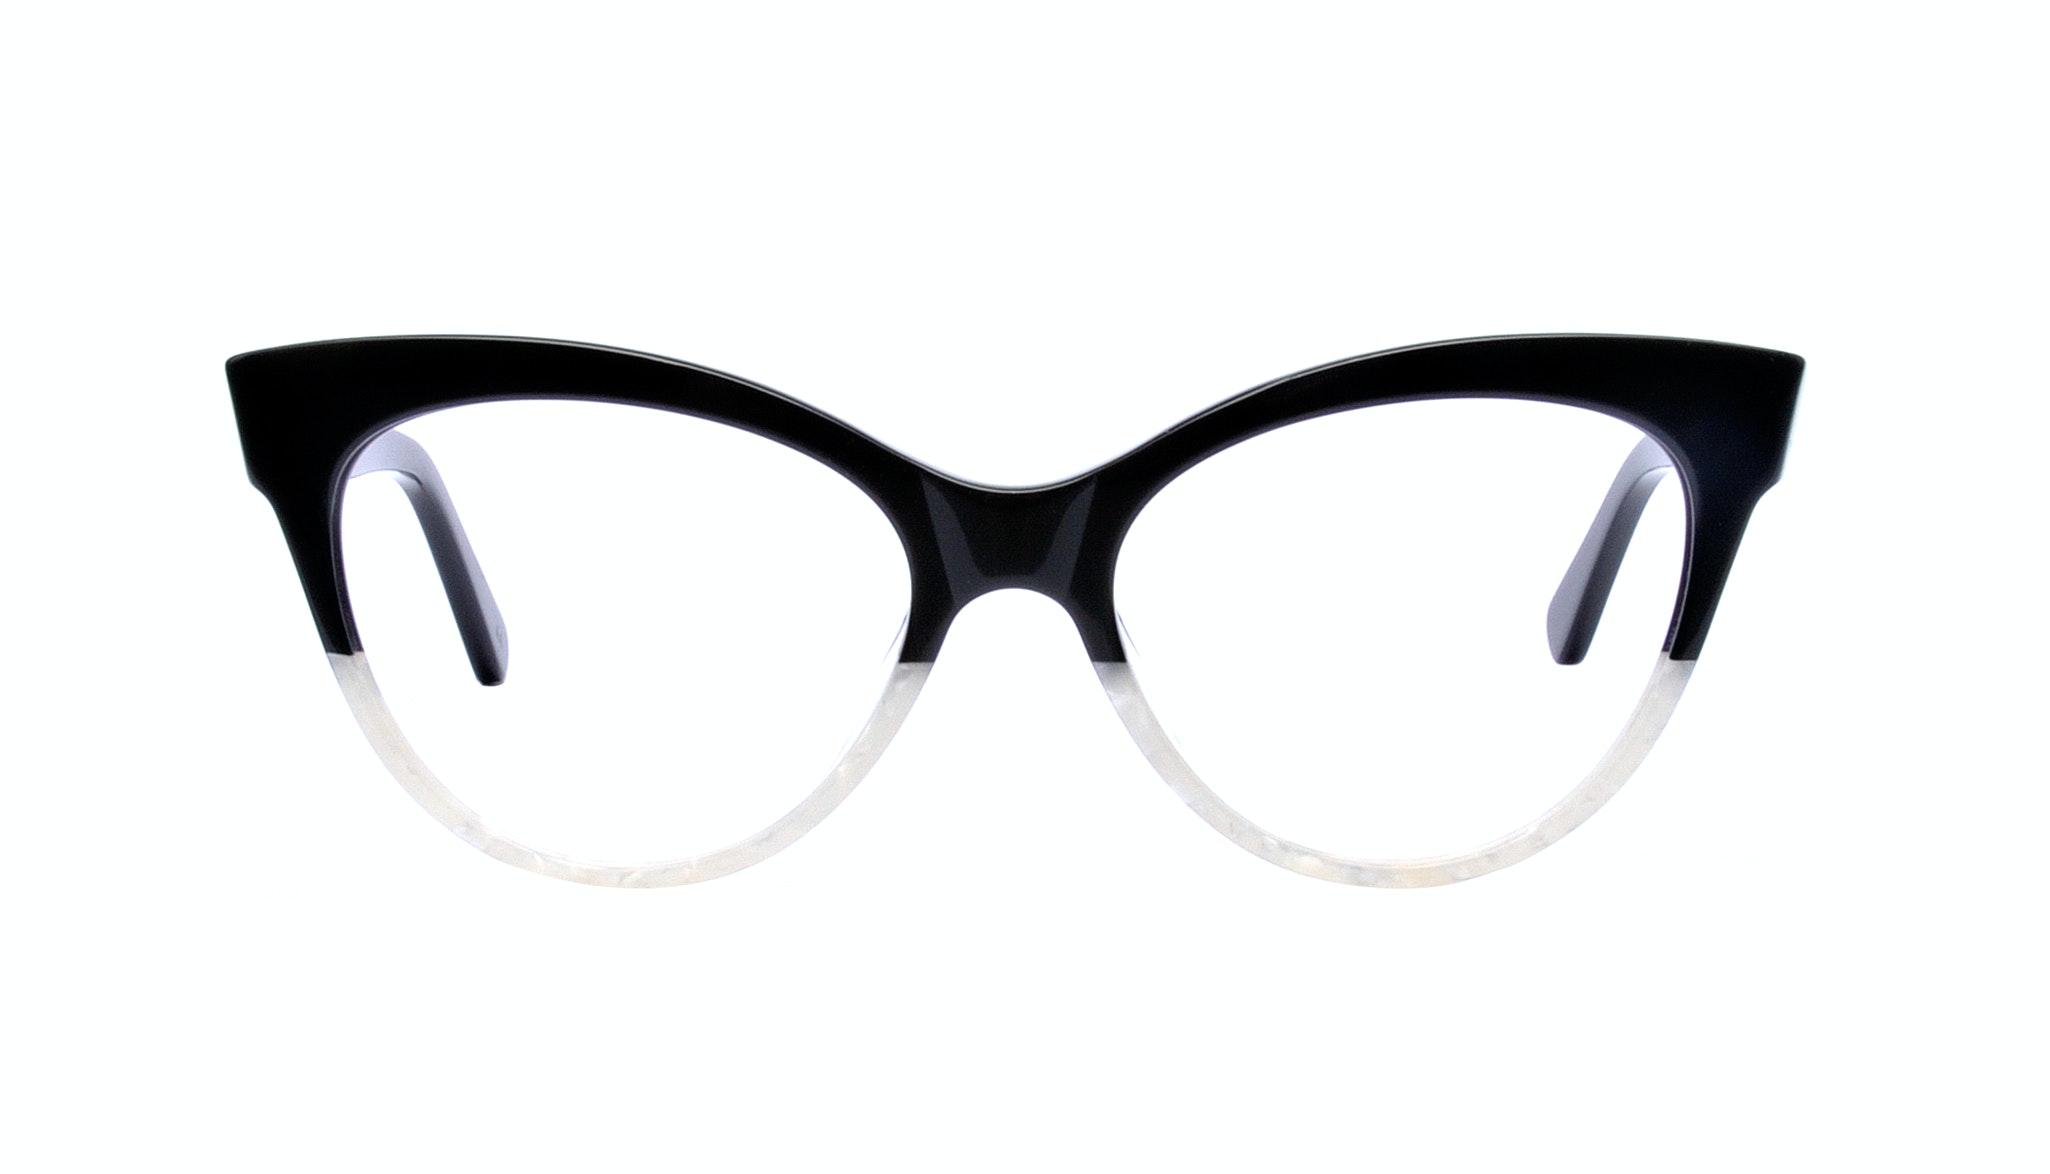 eyeglasses  Women\u0027s Eyeglasses - SkunkBoy in Panda Pearl